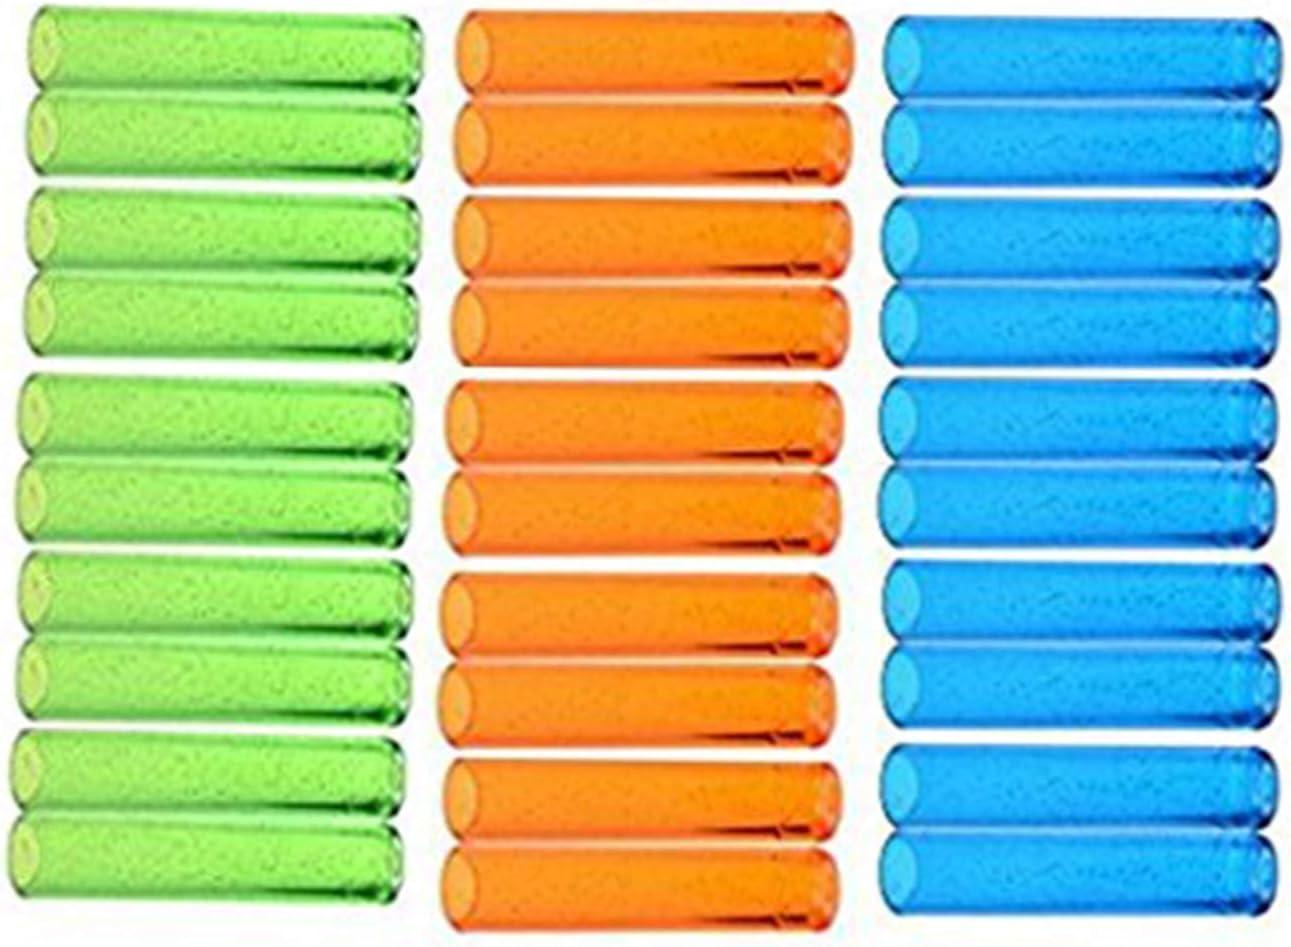 Ogrmar Assorted Colors Plastic Pencil Cap Pencil Shield Pencil E